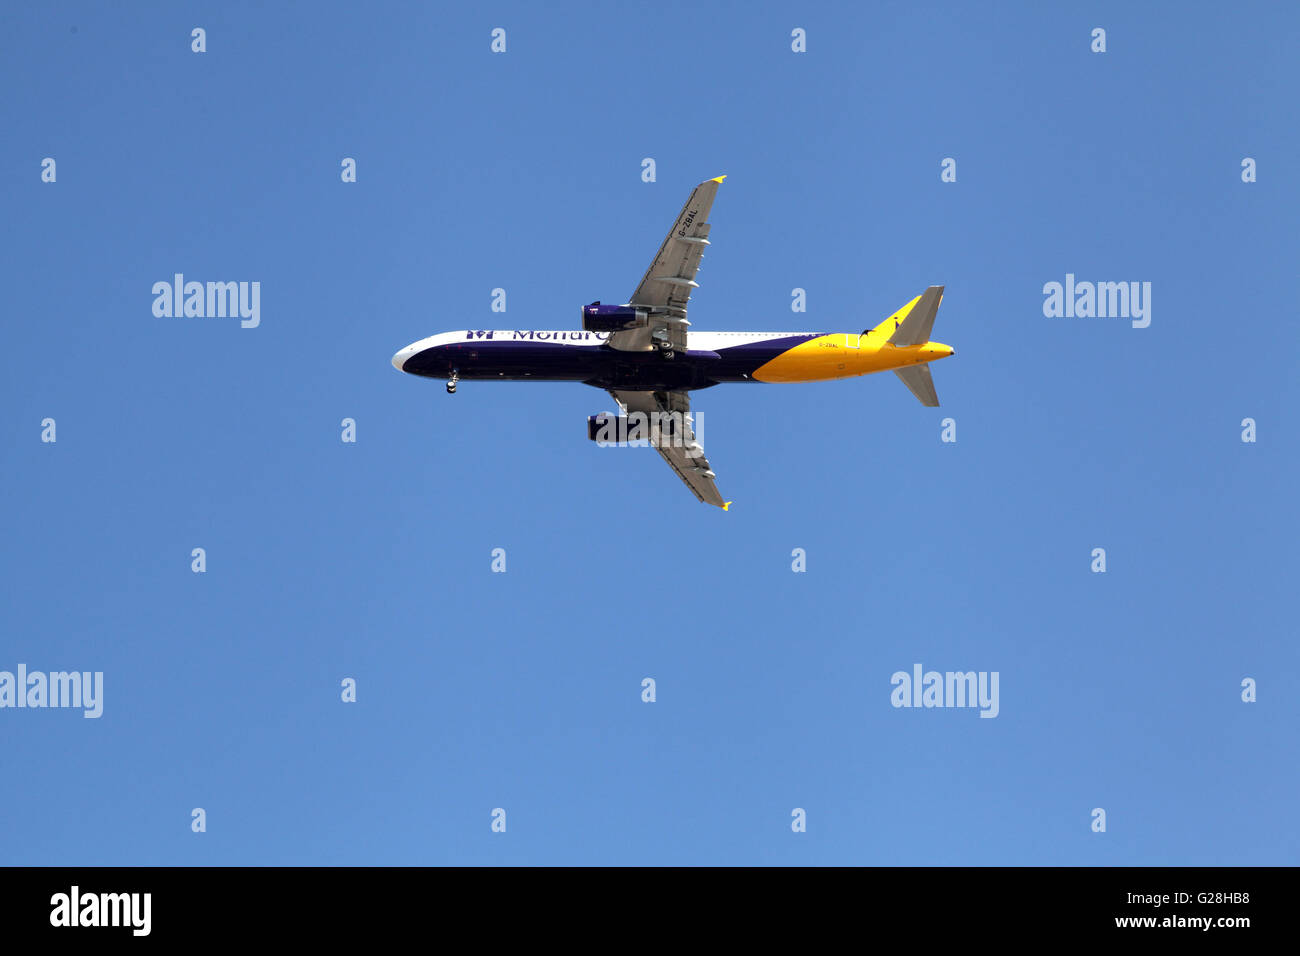 Aeromobili con voce turistica a terra Immagini Stock